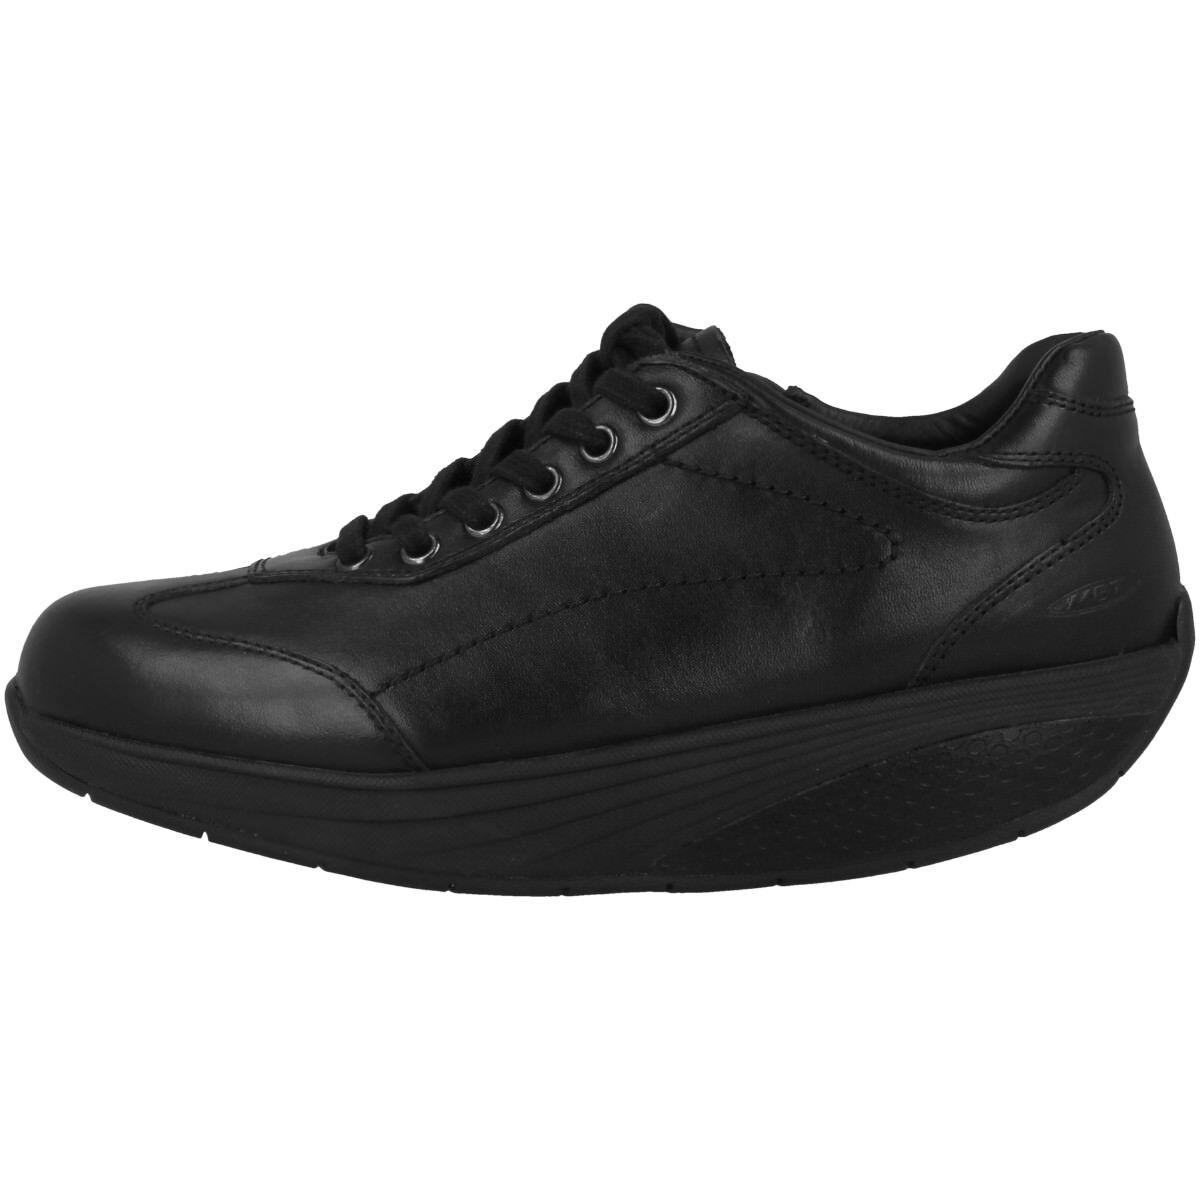 MBT Pata Classic Zip Damens Schuhe Damen Fitness Gesundheitsschuhe 700396-03N